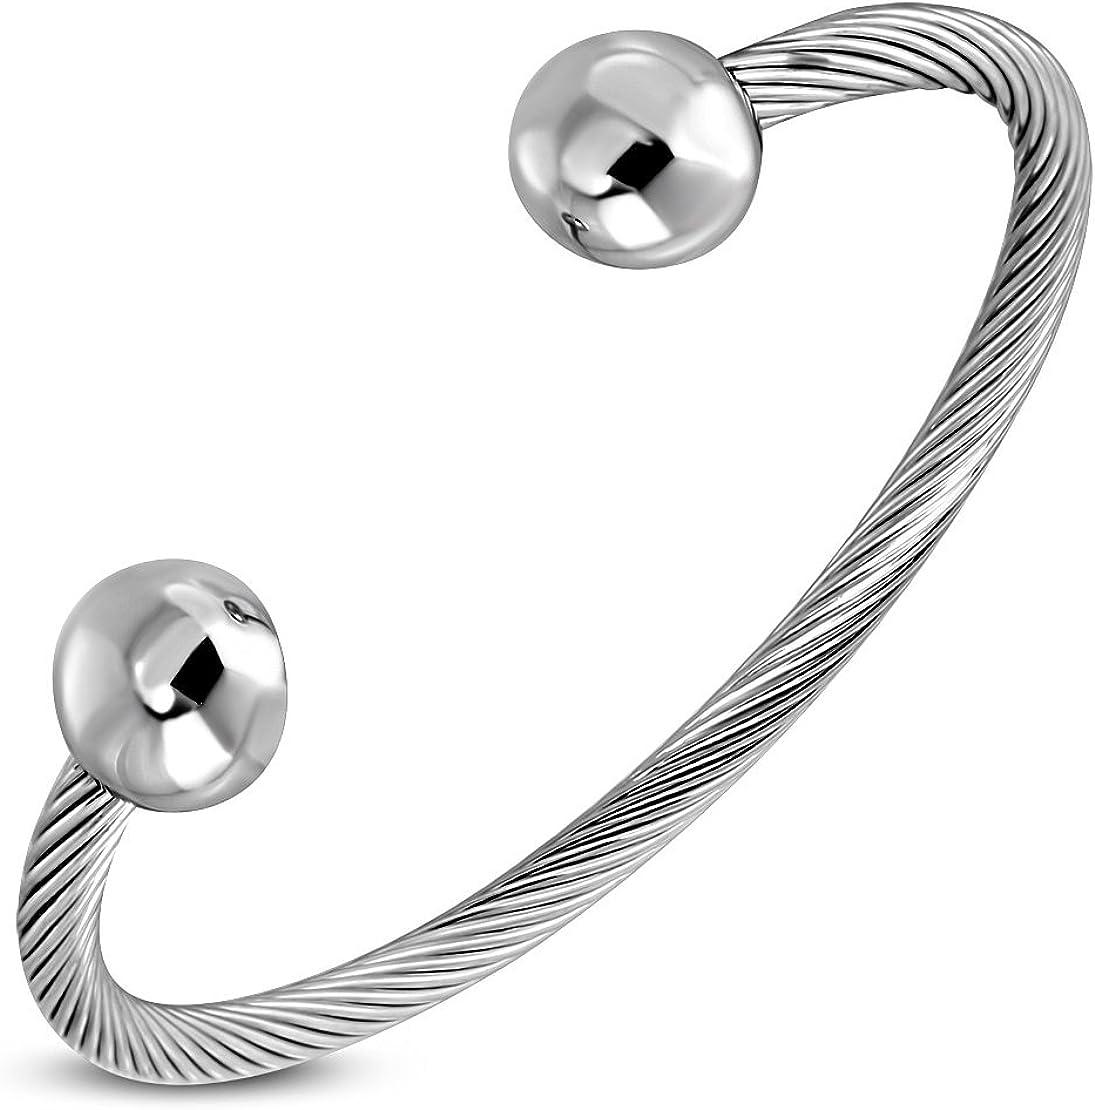 Fil de c/âble torsad/é Bracelet Torque celtique en acier inoxydable avec boule